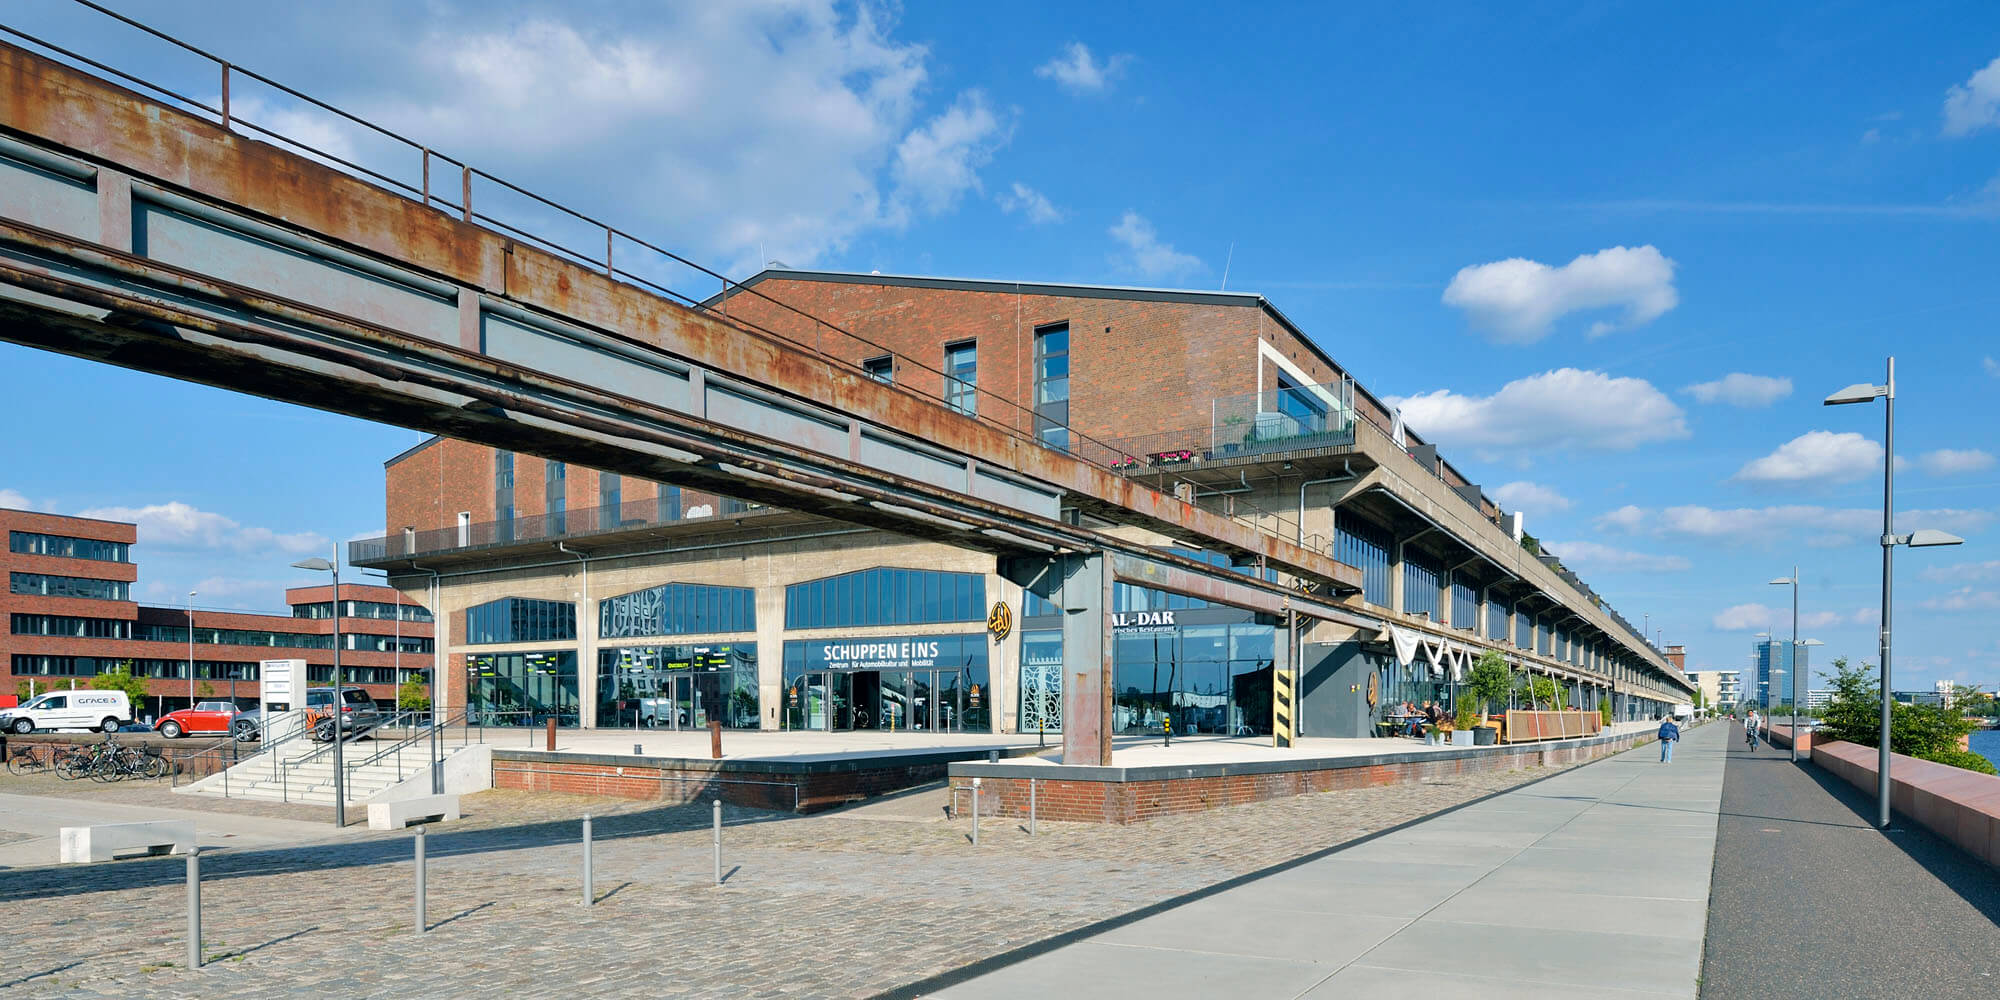 Schuppen Eins: Umwidmung und Revitalisierung eines maritimen Kulturdenkmals